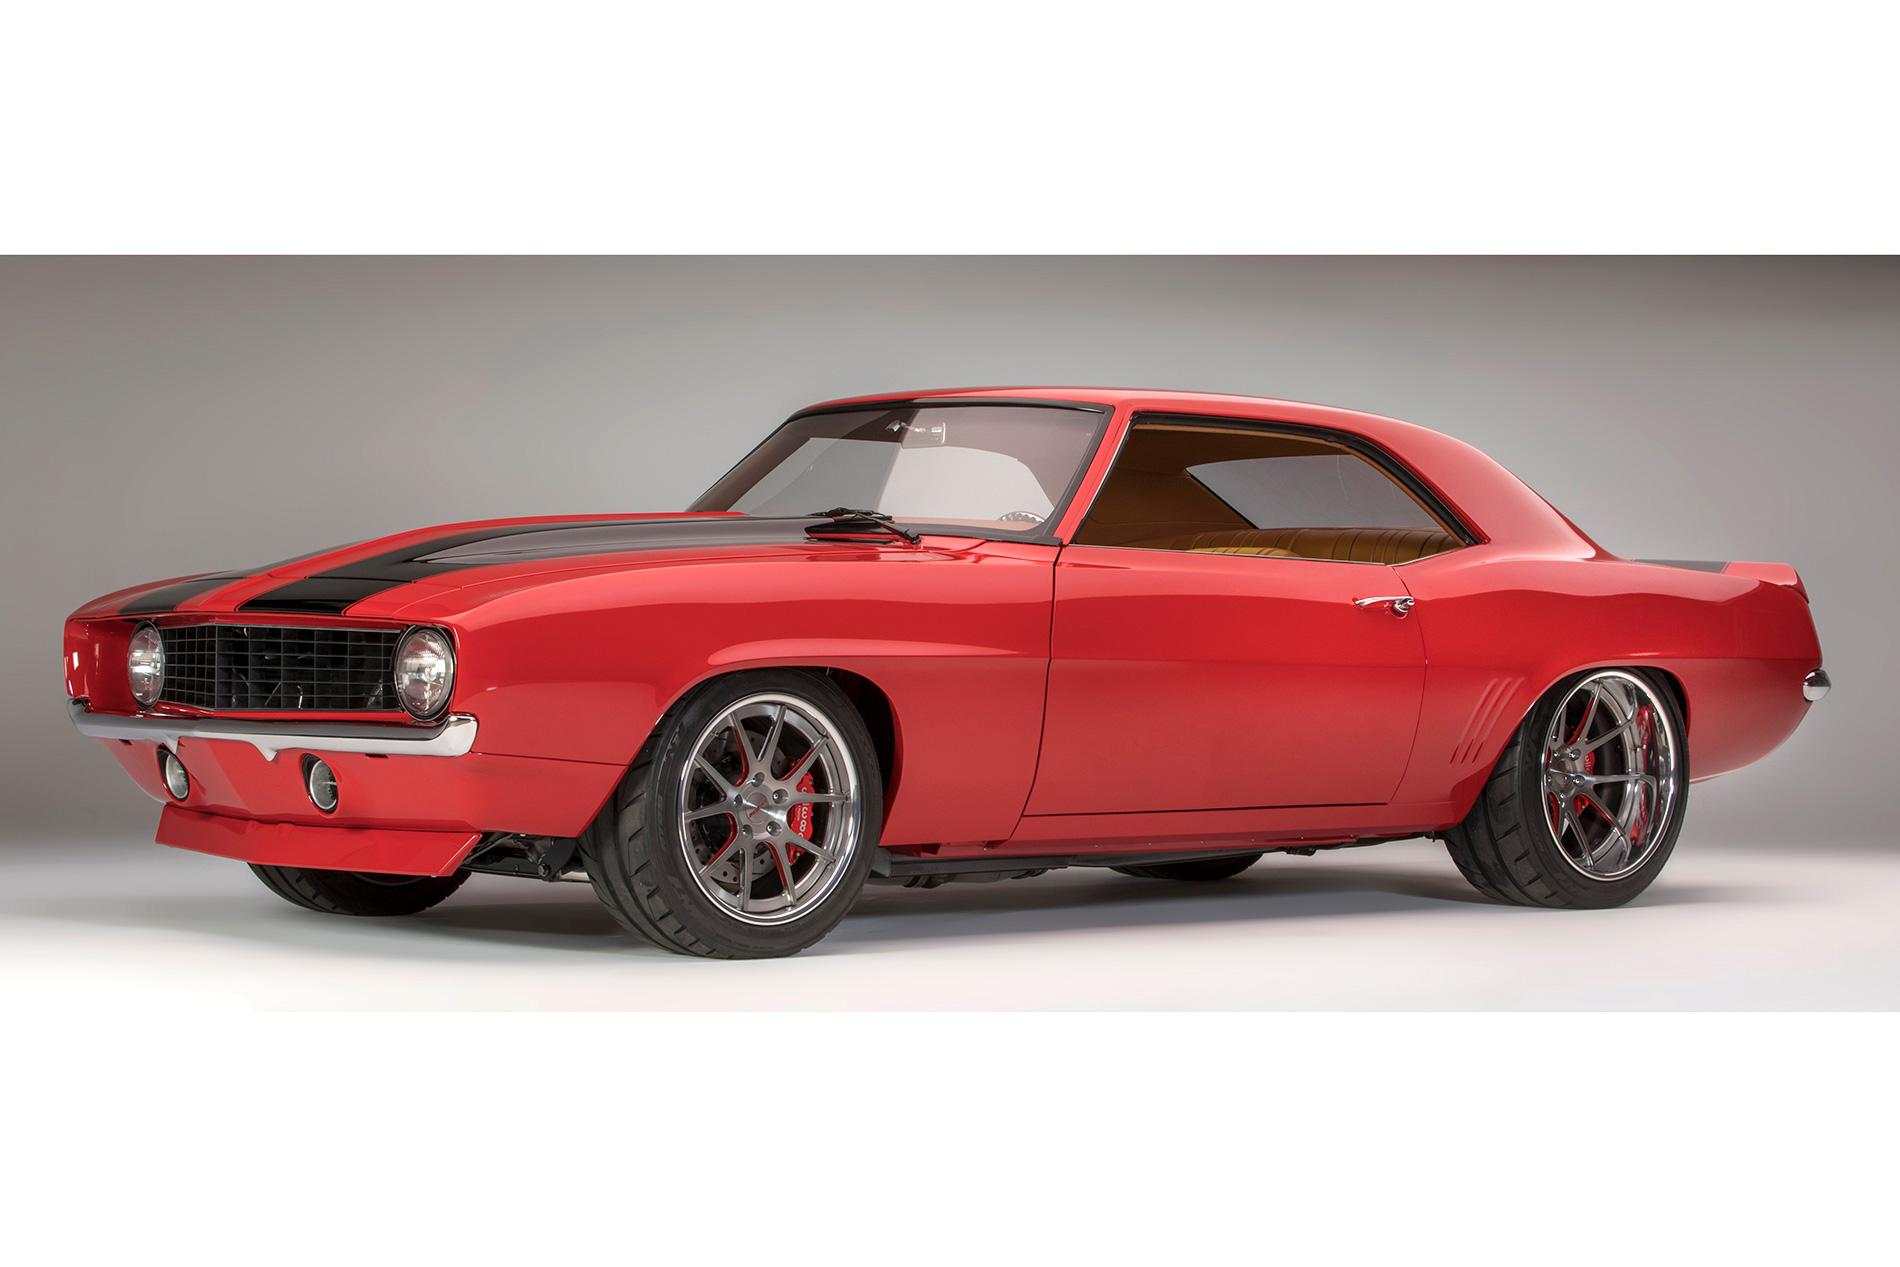 69 Chevy Camero